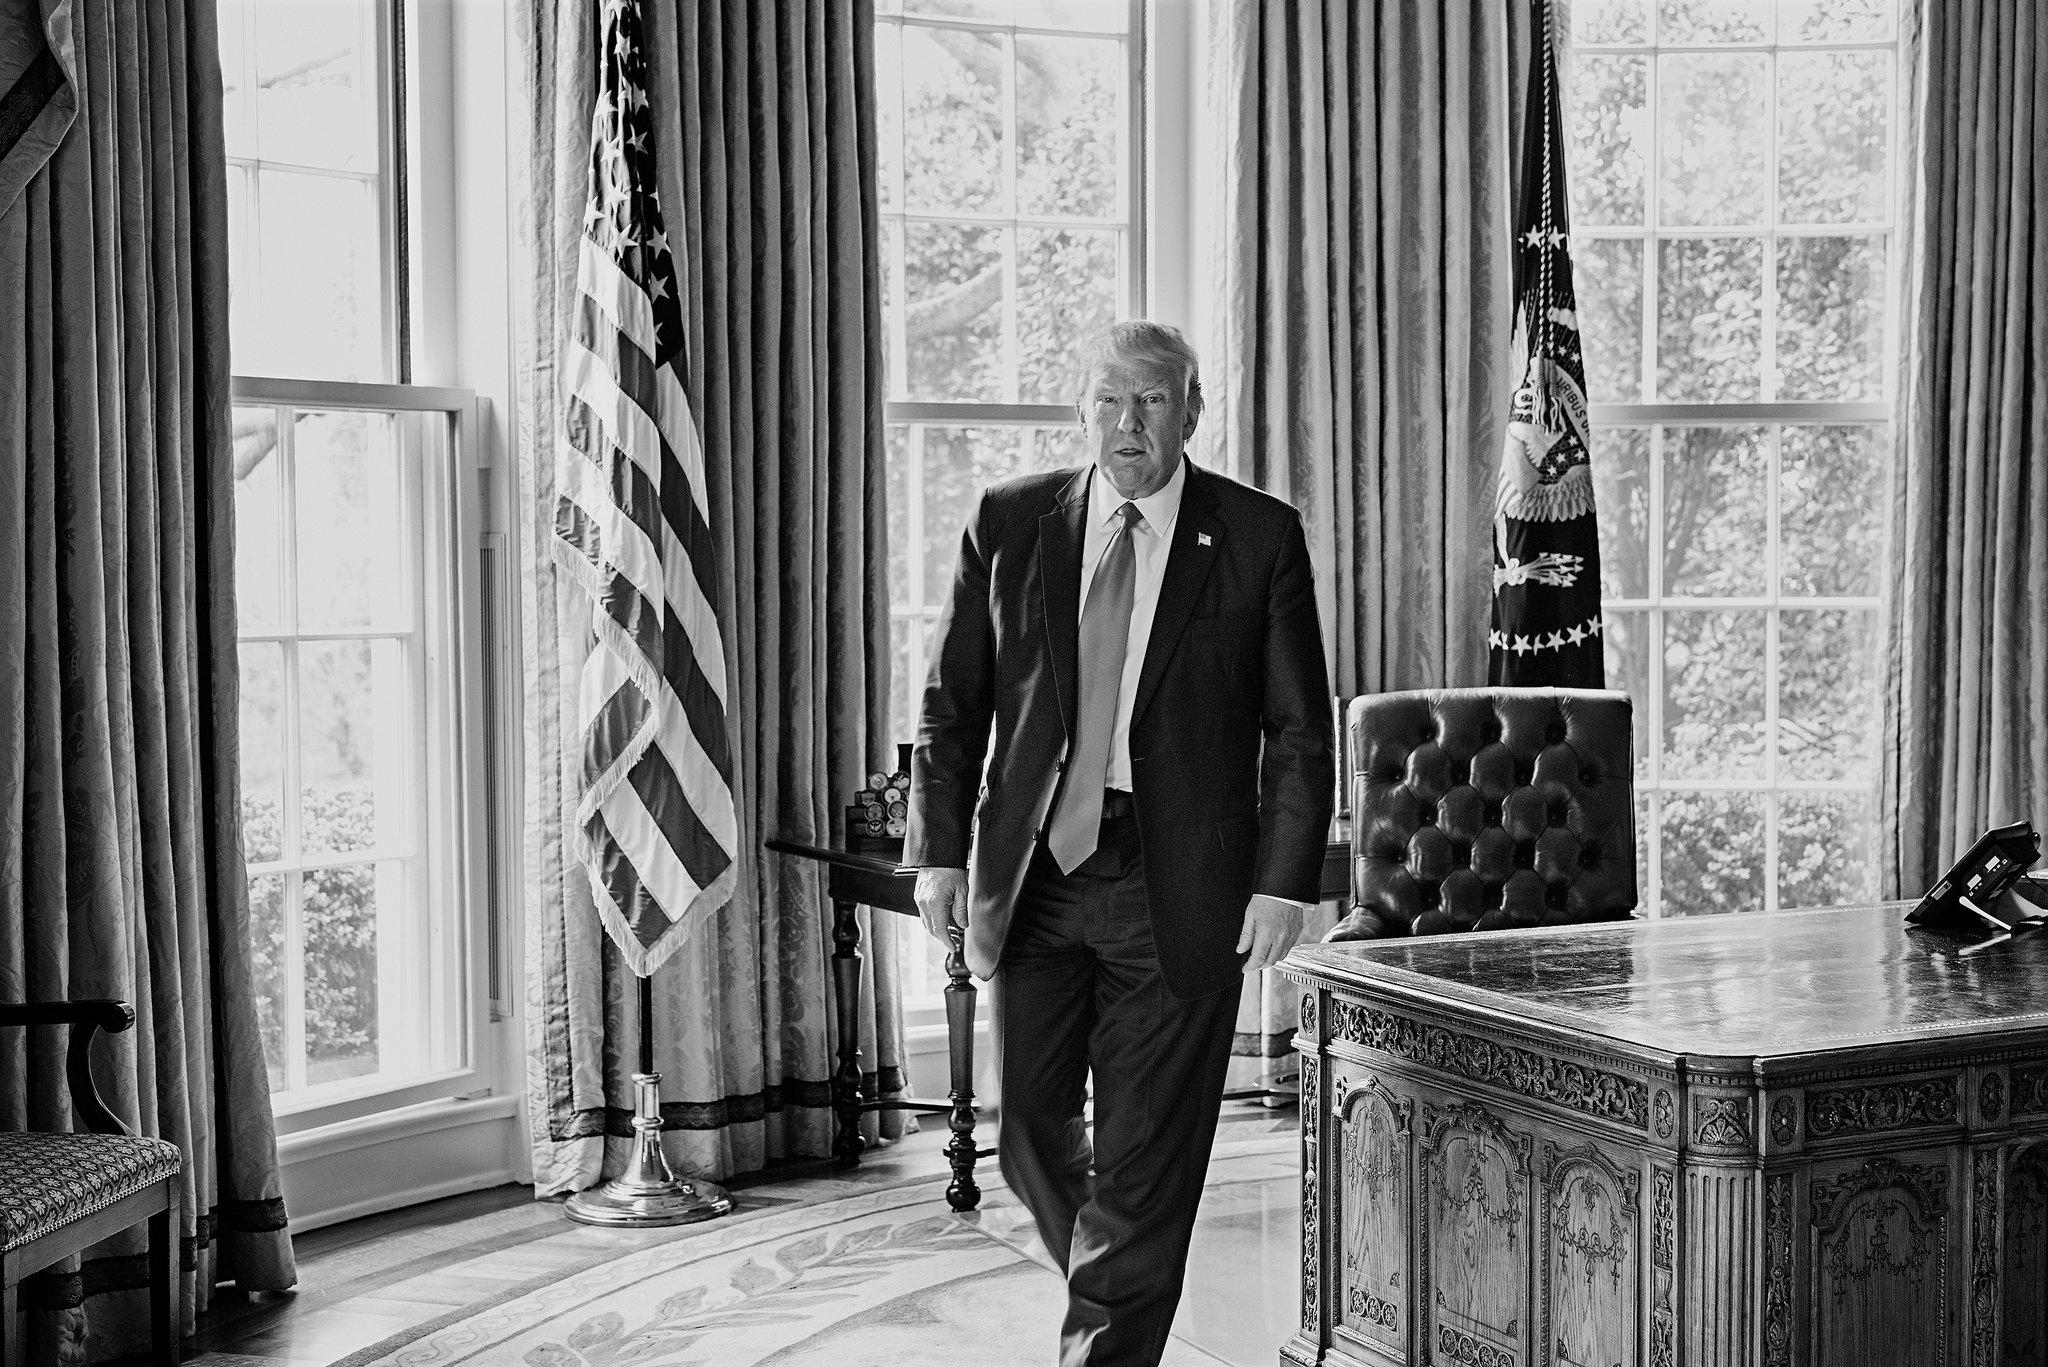 图片来源/nytimes.com, Credit Christopher Anderson/Magnum